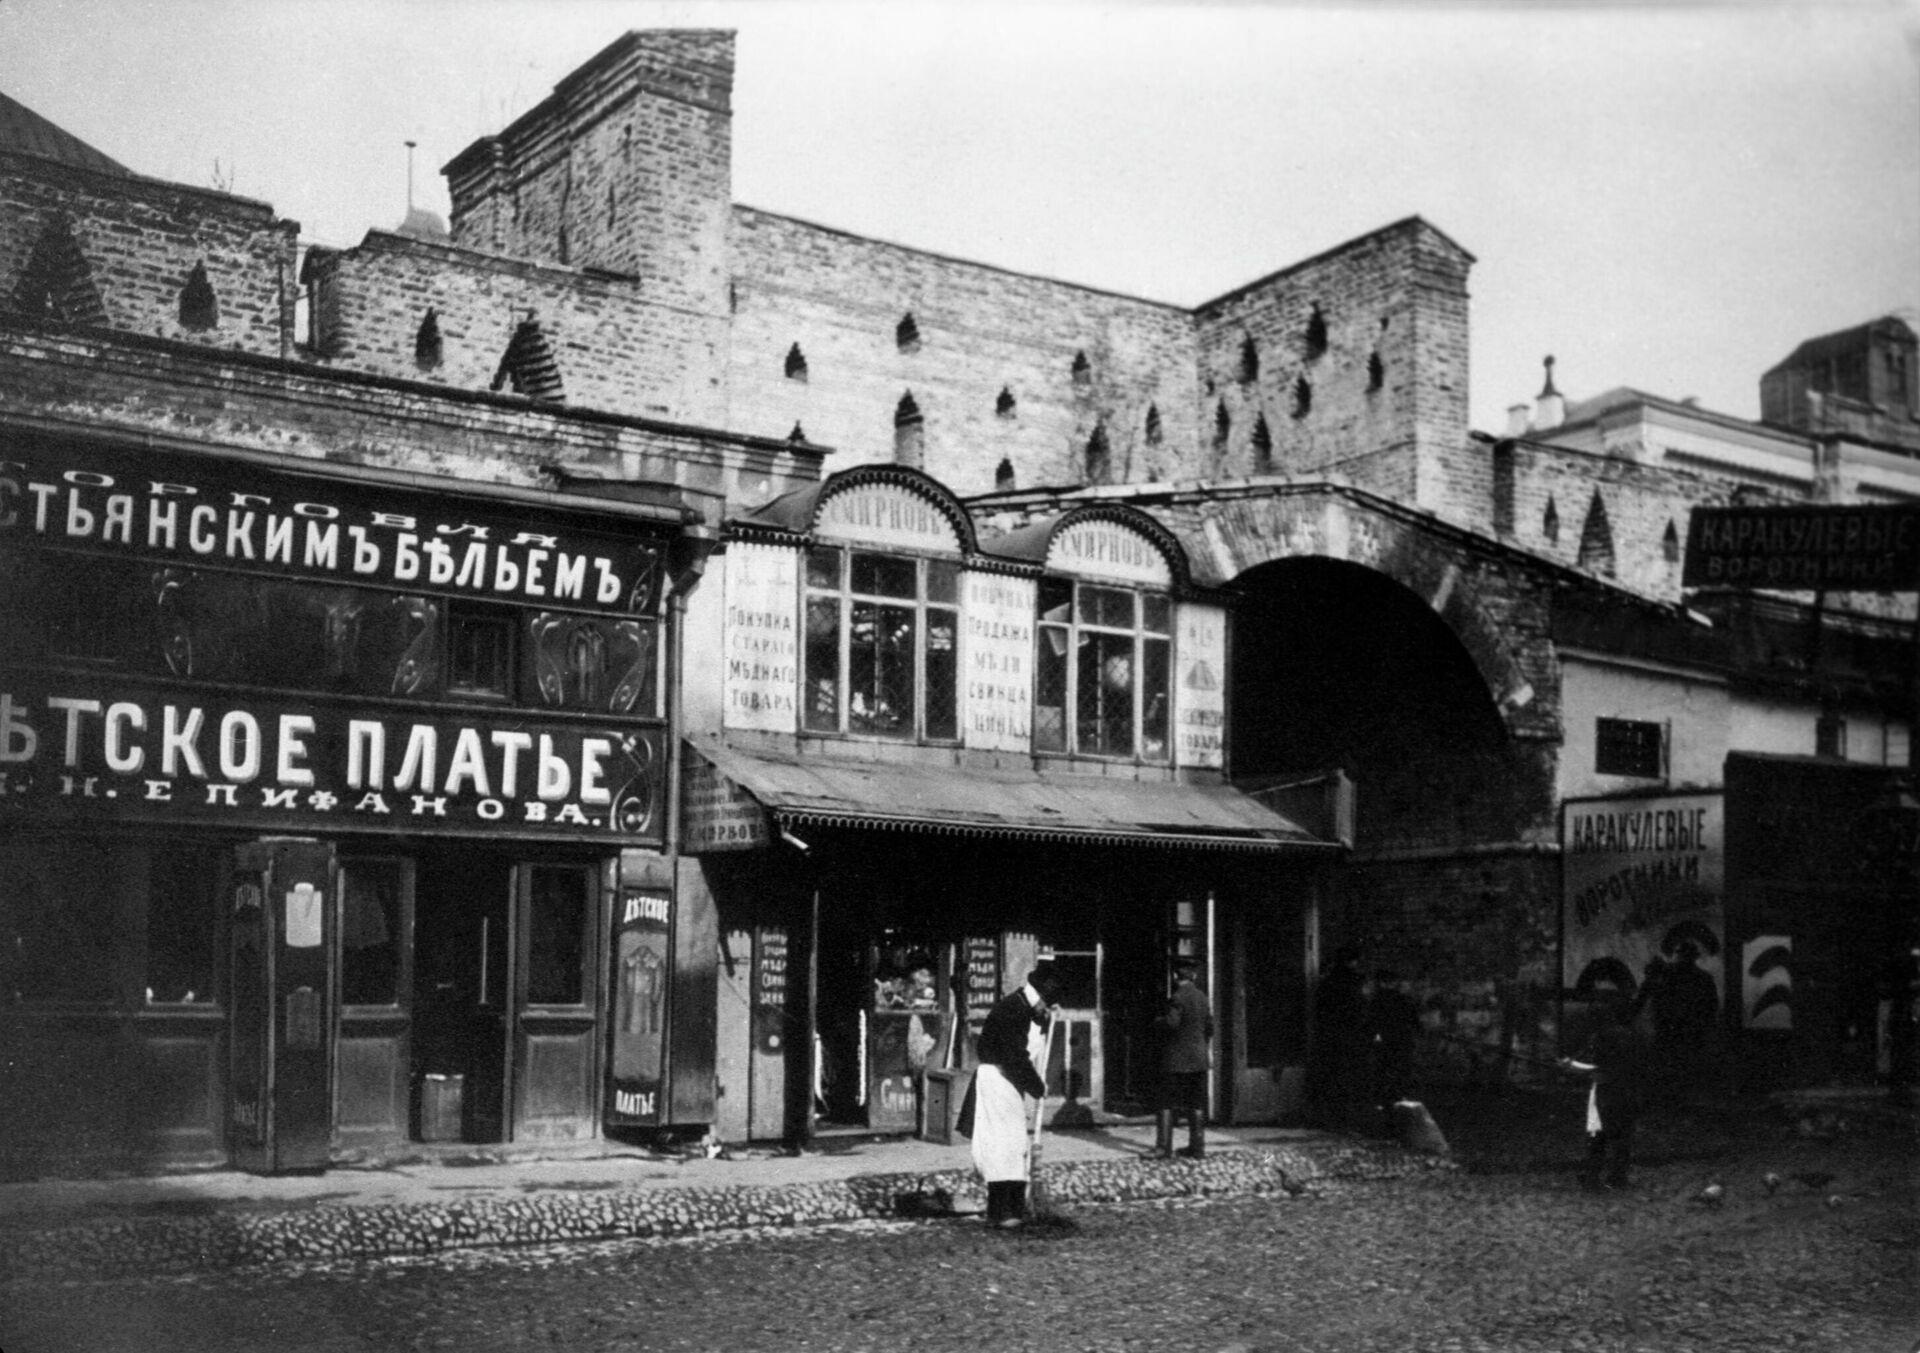 Дворник в старой Москве - РИА Новости, 1920, 25.01.2021